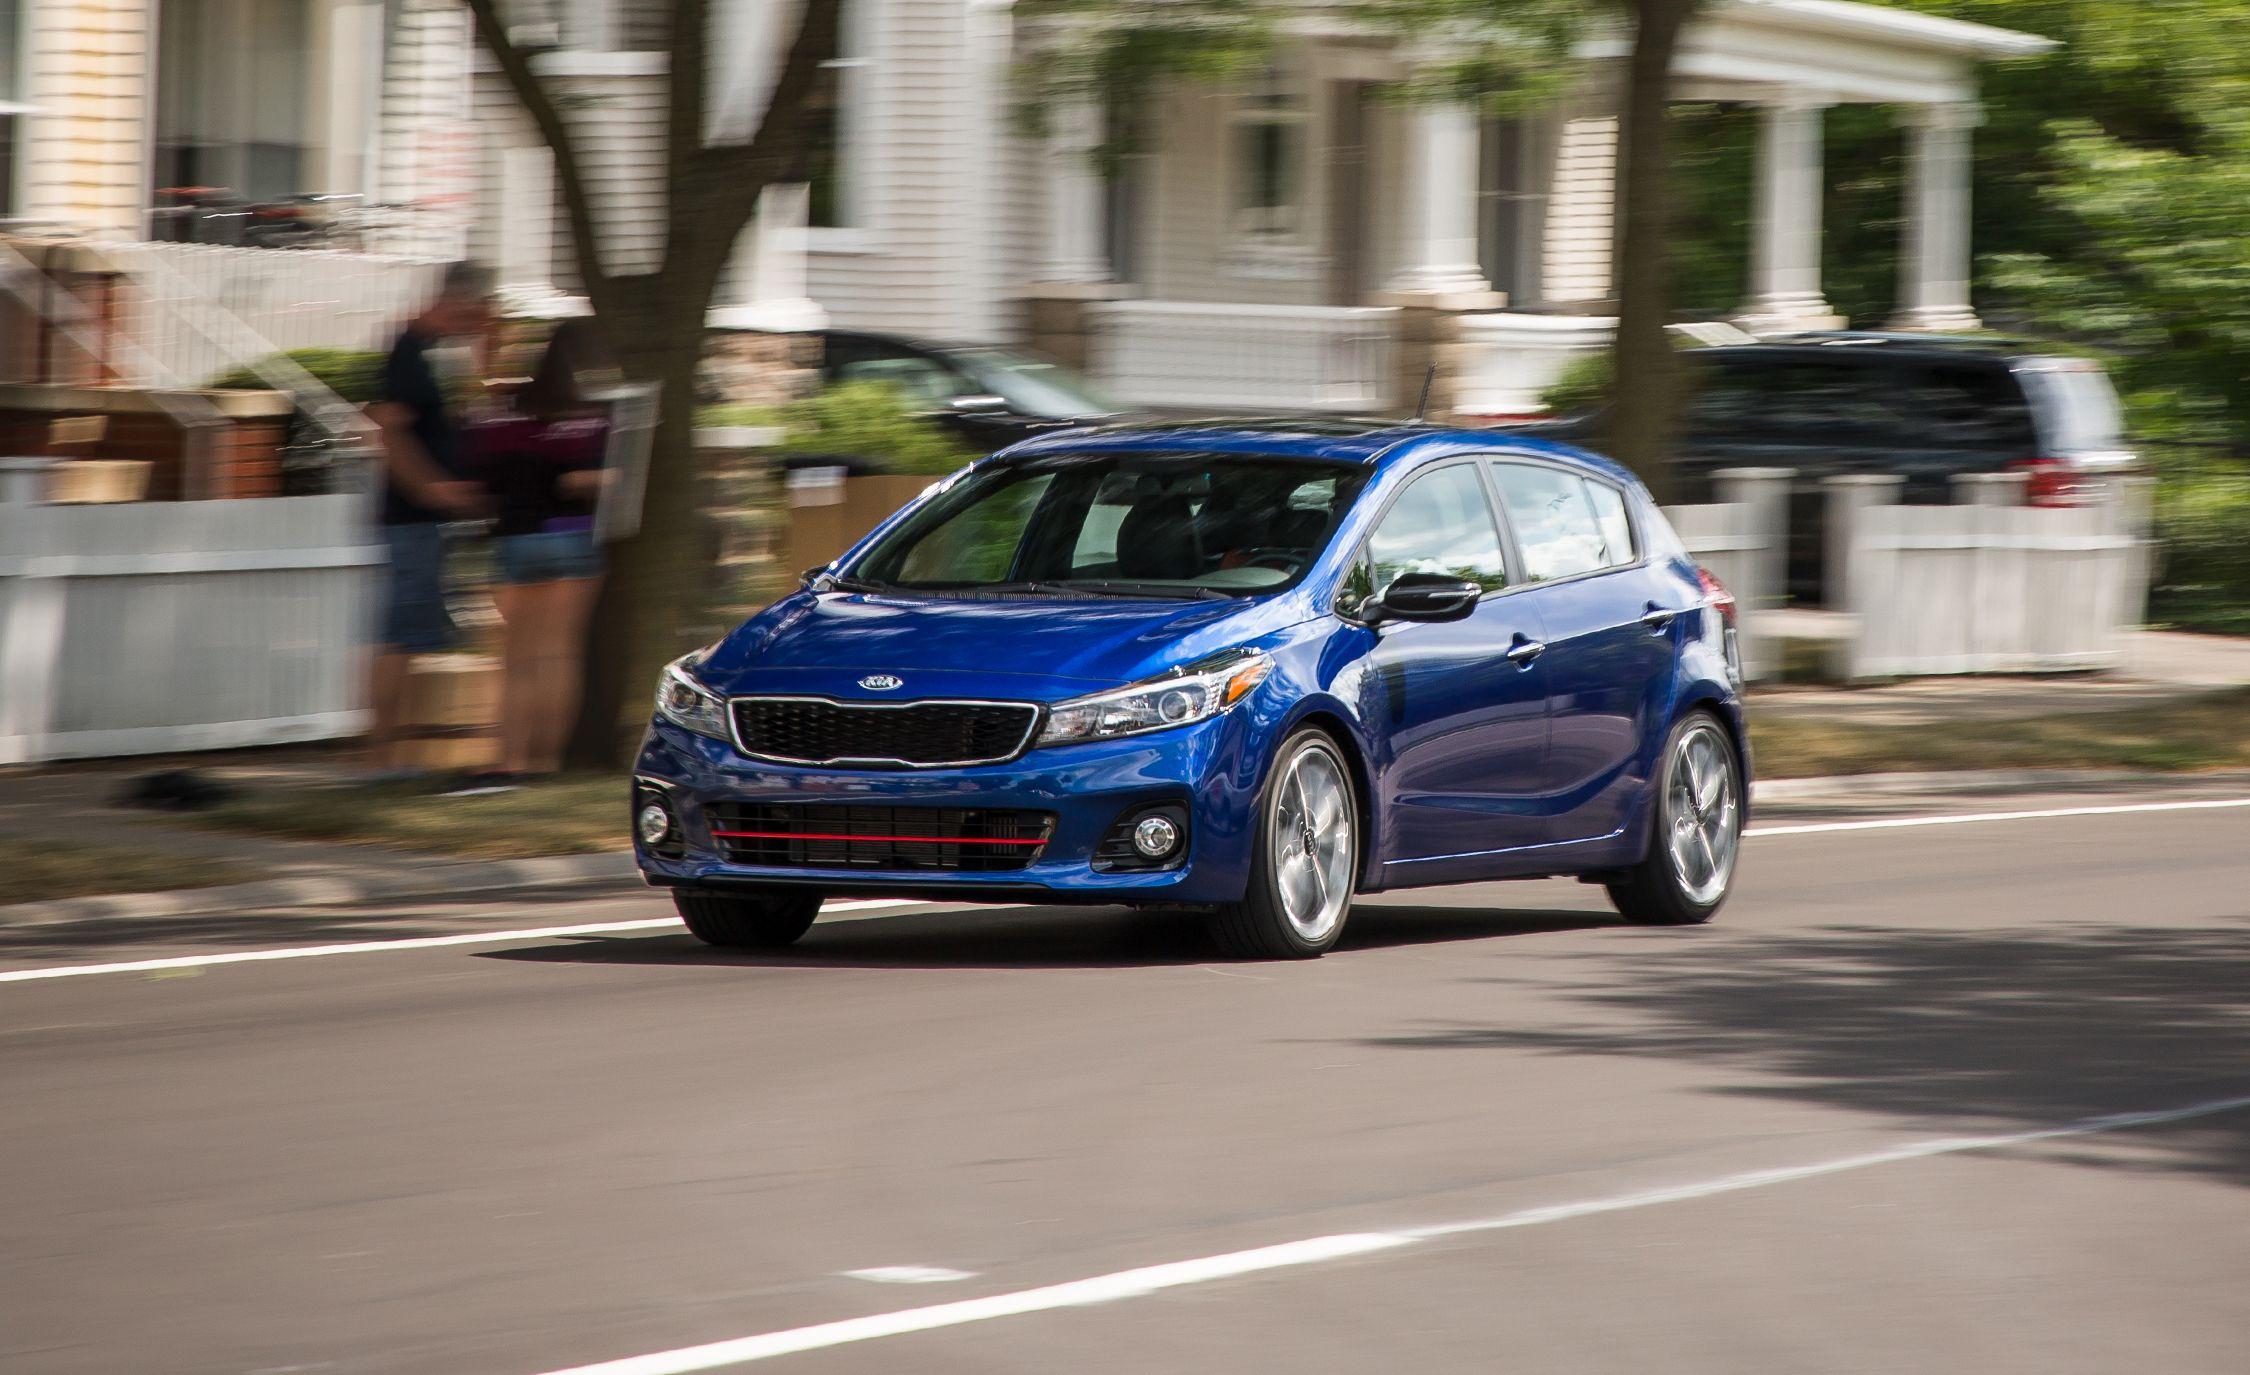 2020 Kia Forte Forte5 Reviews Price Photos And Specs Car Driver